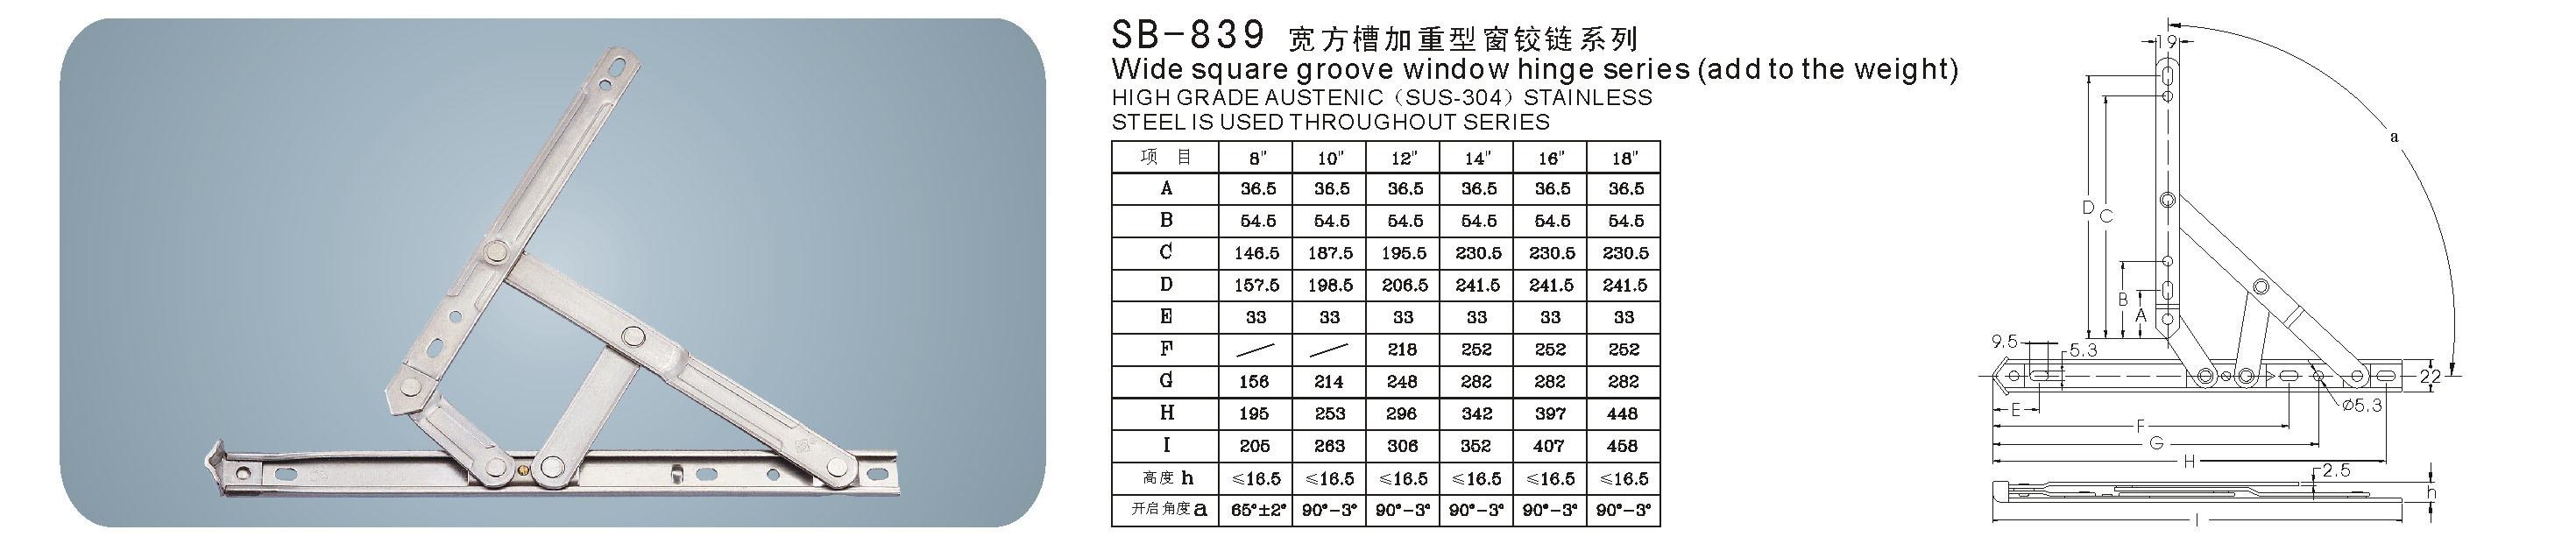 Stainless Steel Modern Window Stay/Hinge (SB-839)